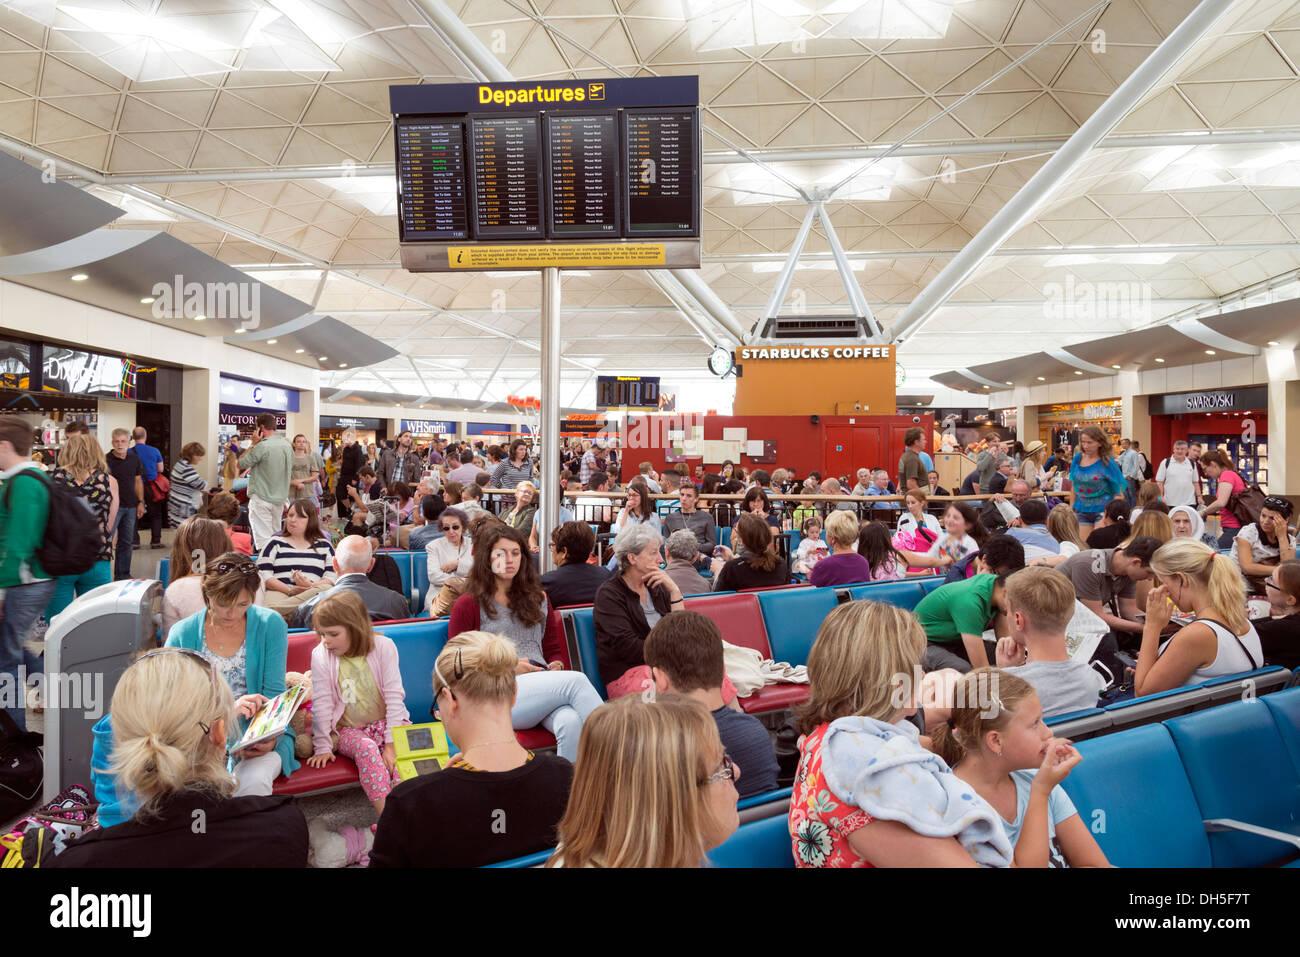 Les gens qui attendent dans le salon des départs de l'aéroport de Stansted, Angleterre, RU Photo Stock